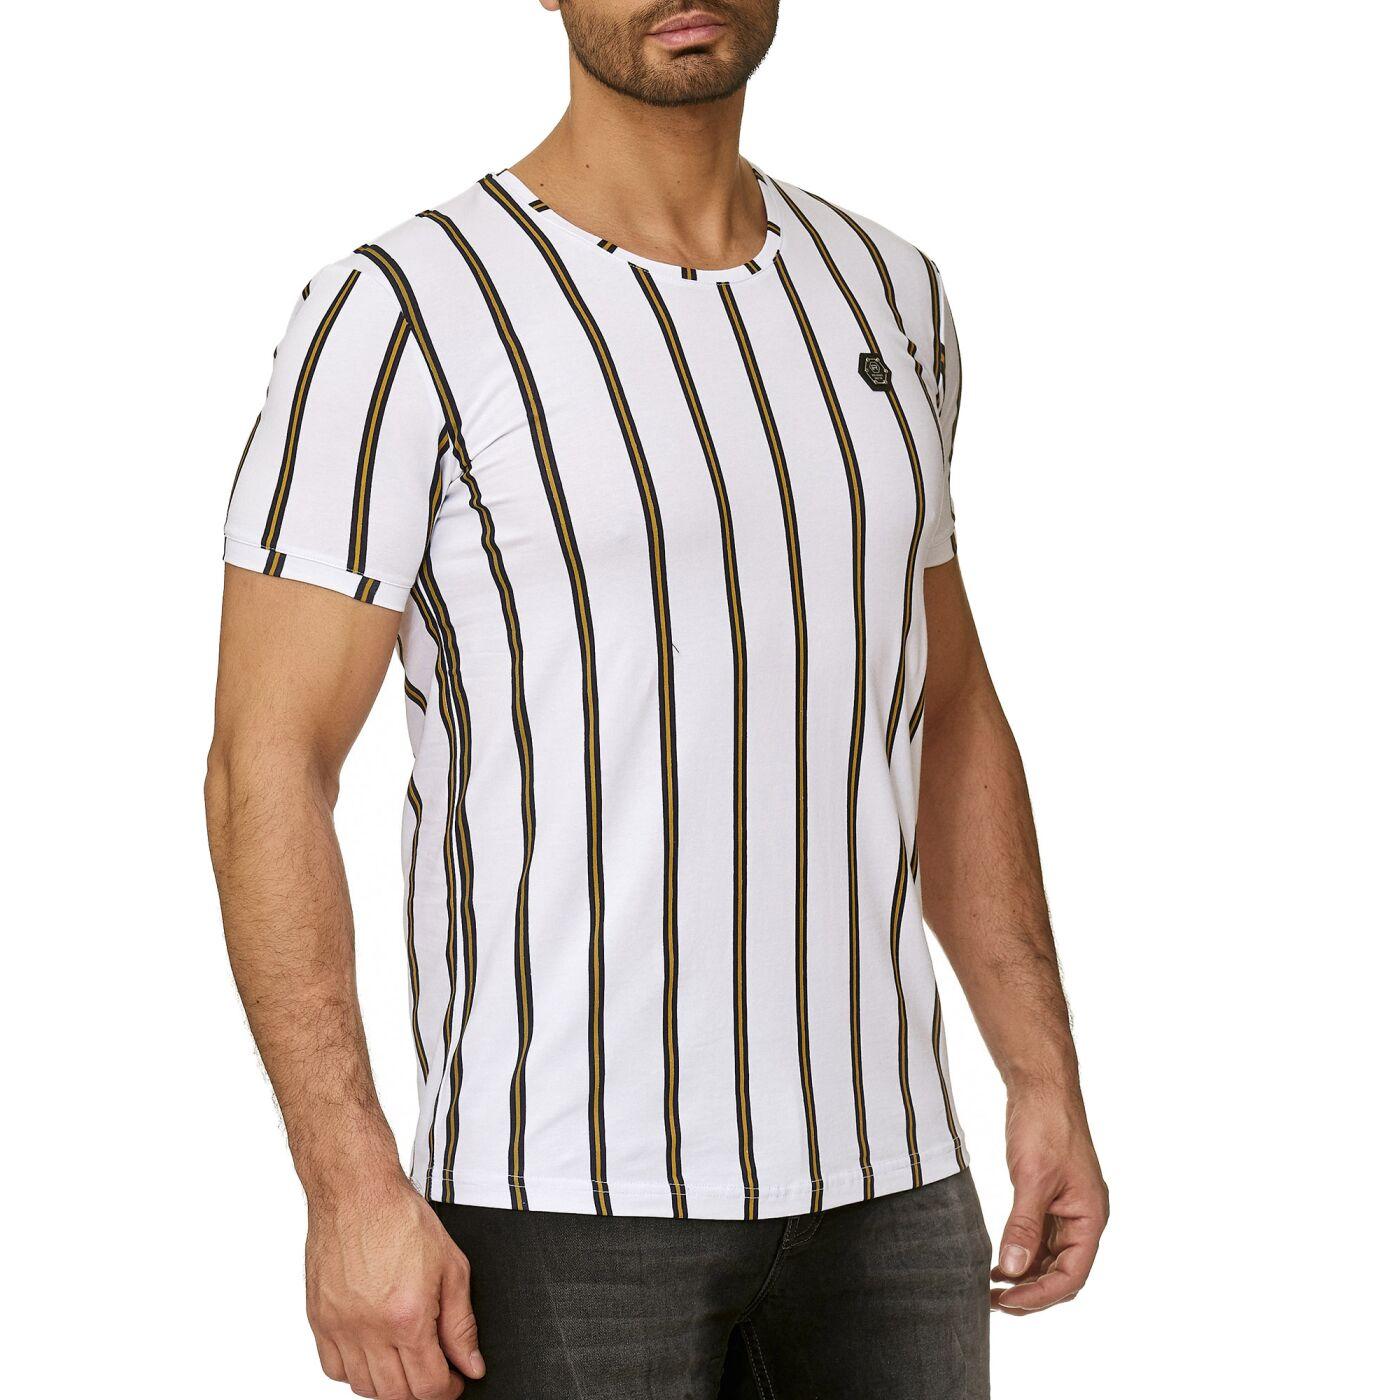 7017814ef52555 Red Bridge Herren T-Shirt Filled Stripes Regular-Fit Logo Patch ...